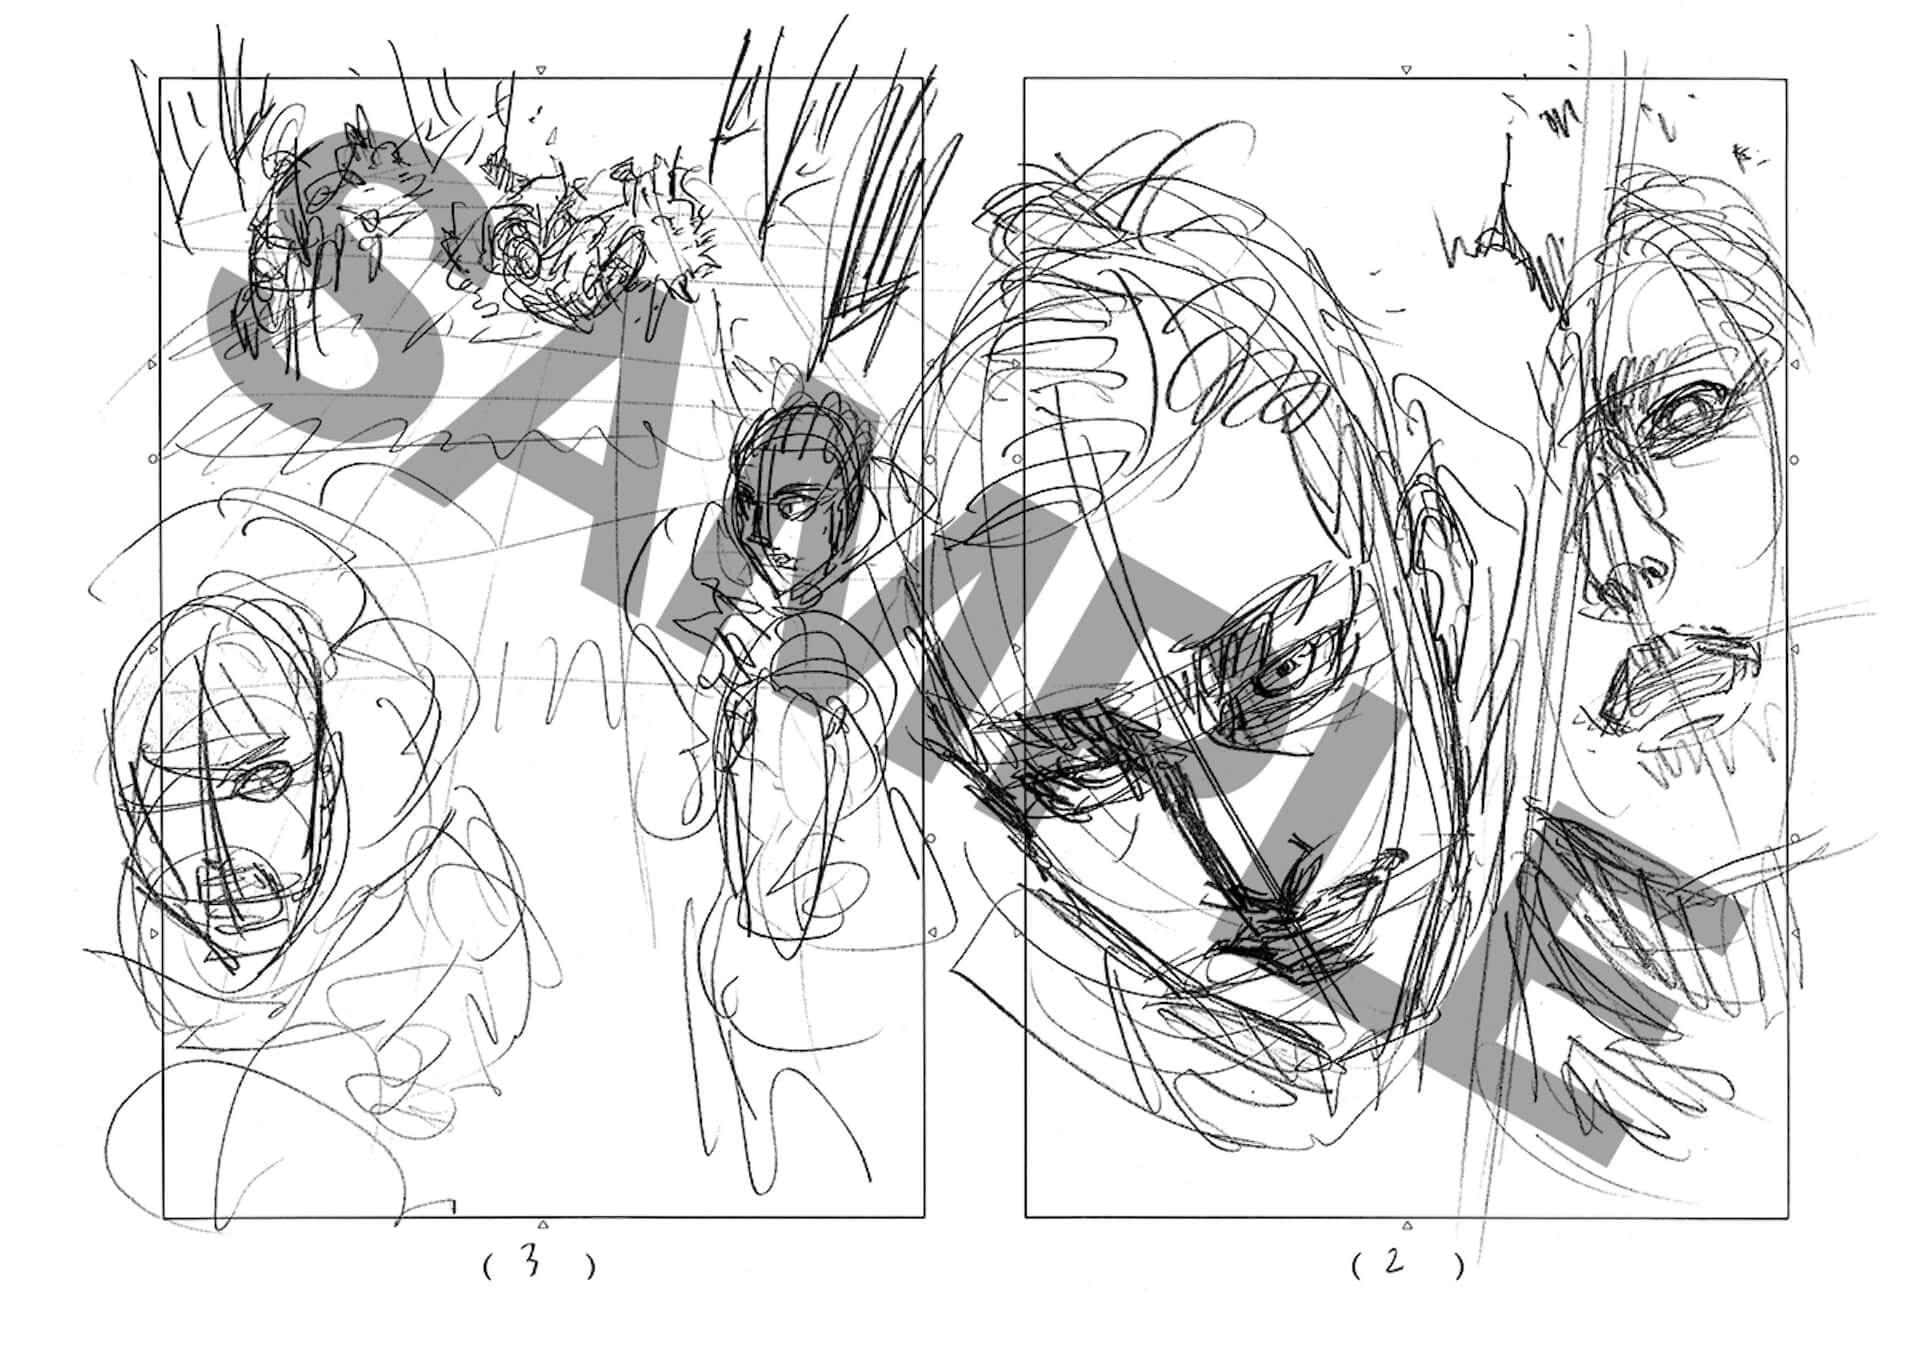 進撃の巨人がひらパーに襲来!<進撃の巨人展FINALinひらかたパーク>が開催|大阪展限定描き下ろしアニメイラストも公開 art190913_shingekinokyojin_hirakata_26-1920x1355